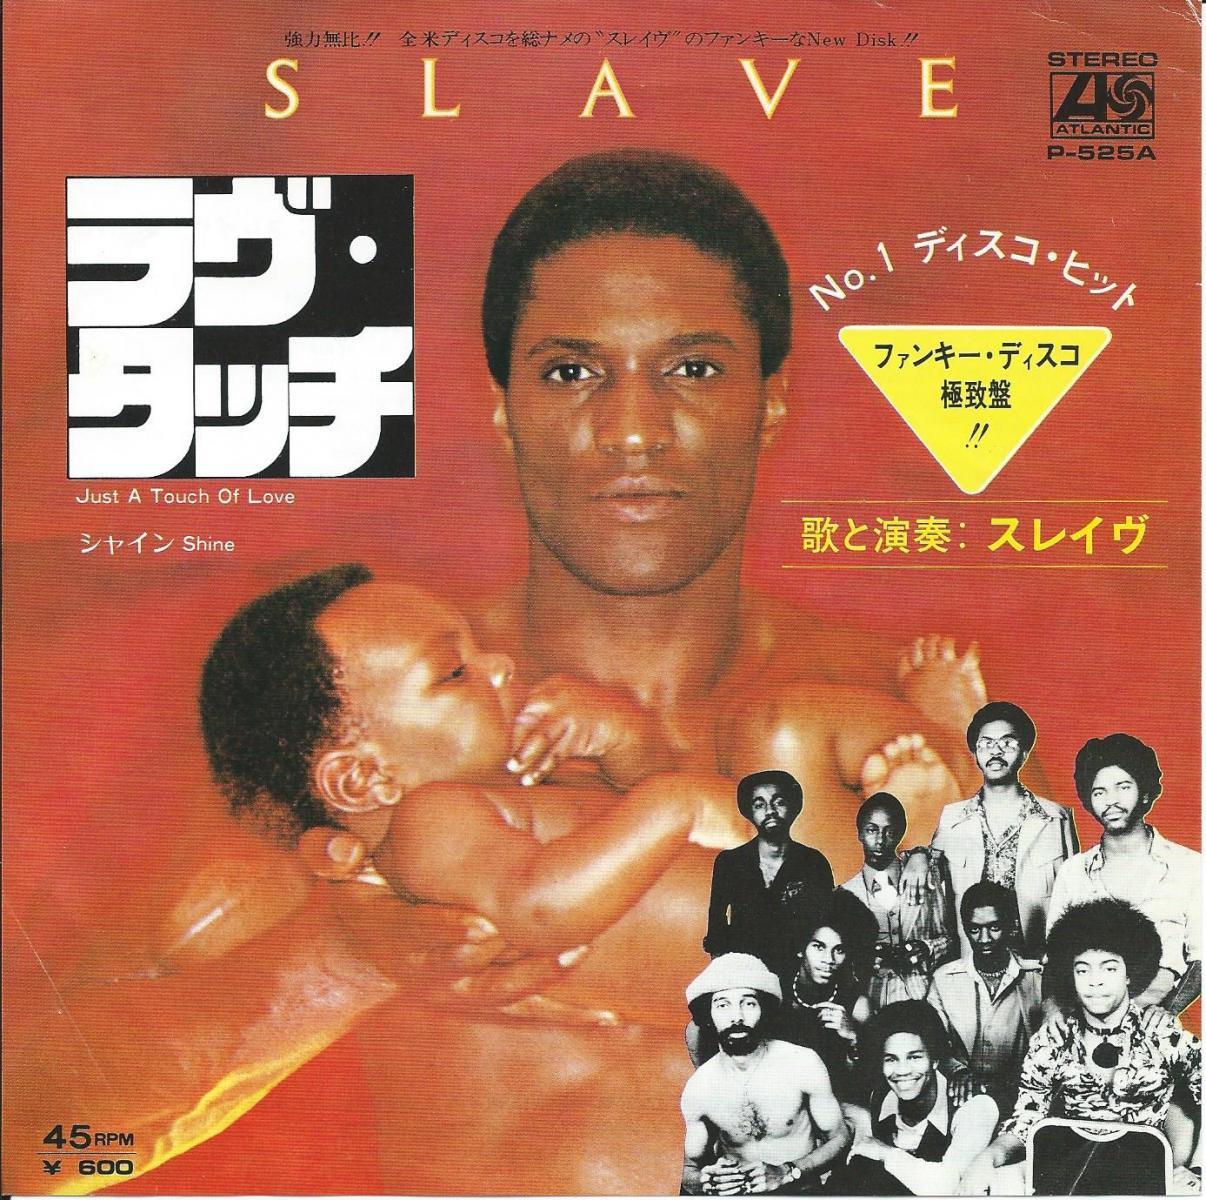 スレイヴ SLAVE / ラヴ・タッチ JUST A TOUCH OF LOVE (7